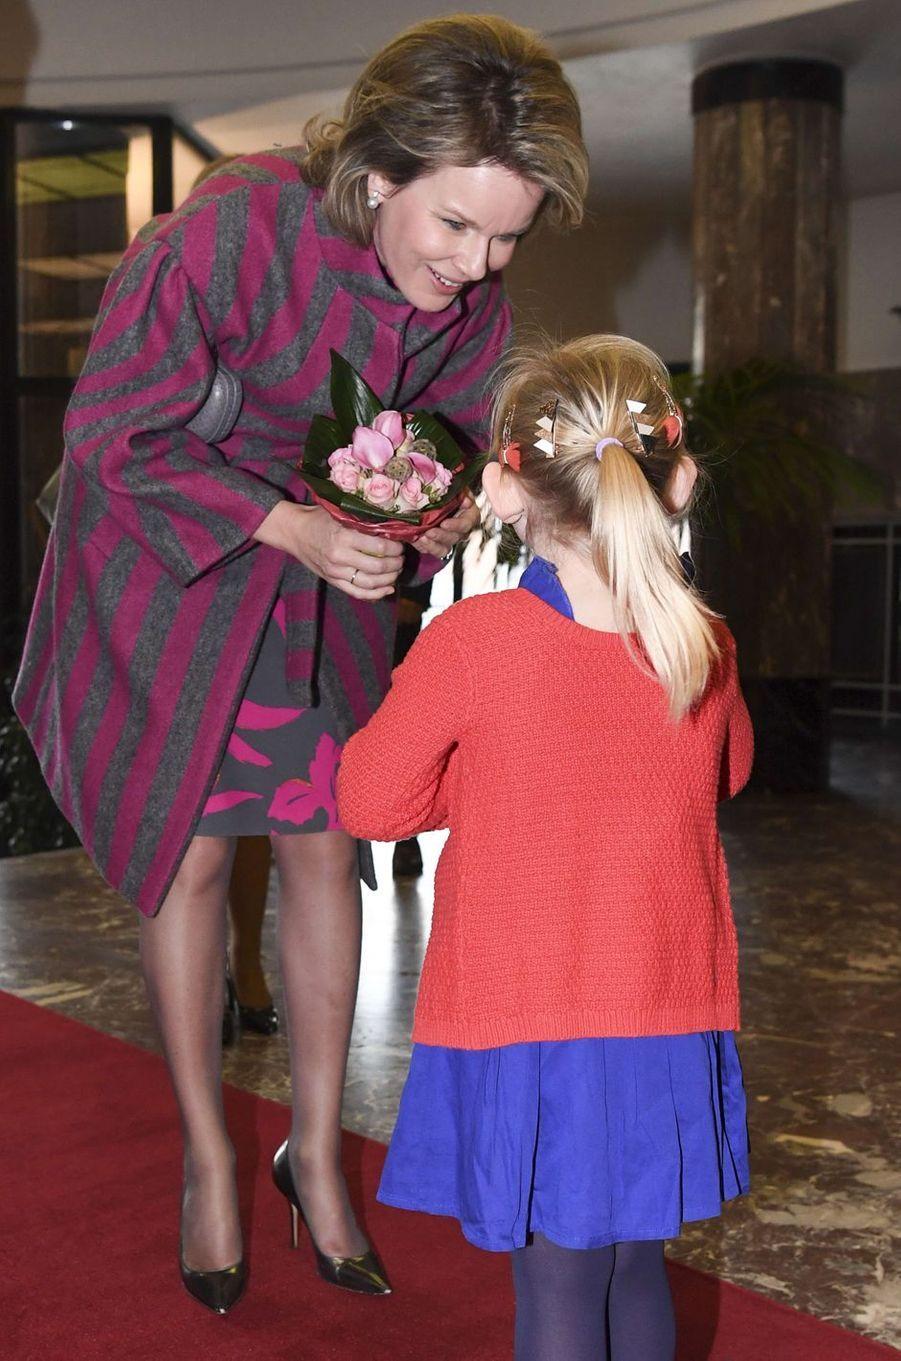 La reine Mathilde de Belgique arrive au Palais provincial de Mons, le 7 mars 2017